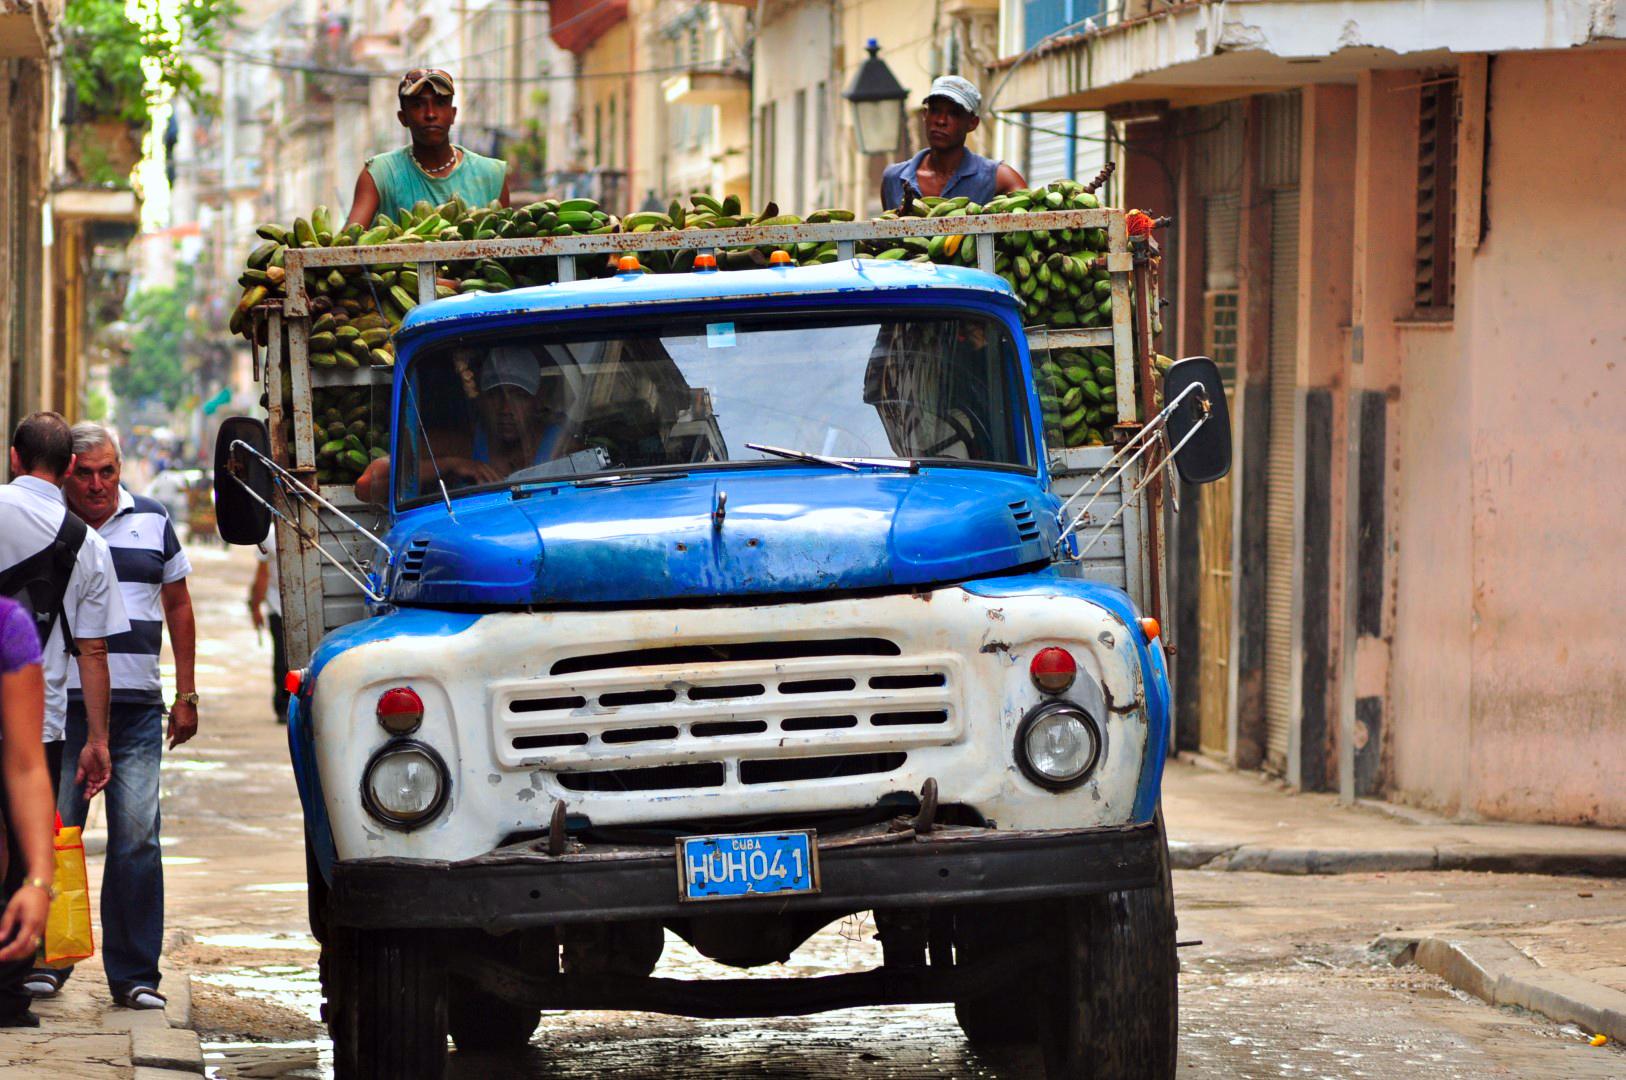 Qué ver en La Habana, Cuba qué ver en la habana, cuba - 30458834274 2c00124757 o - Qué ver en La Habana, Cuba